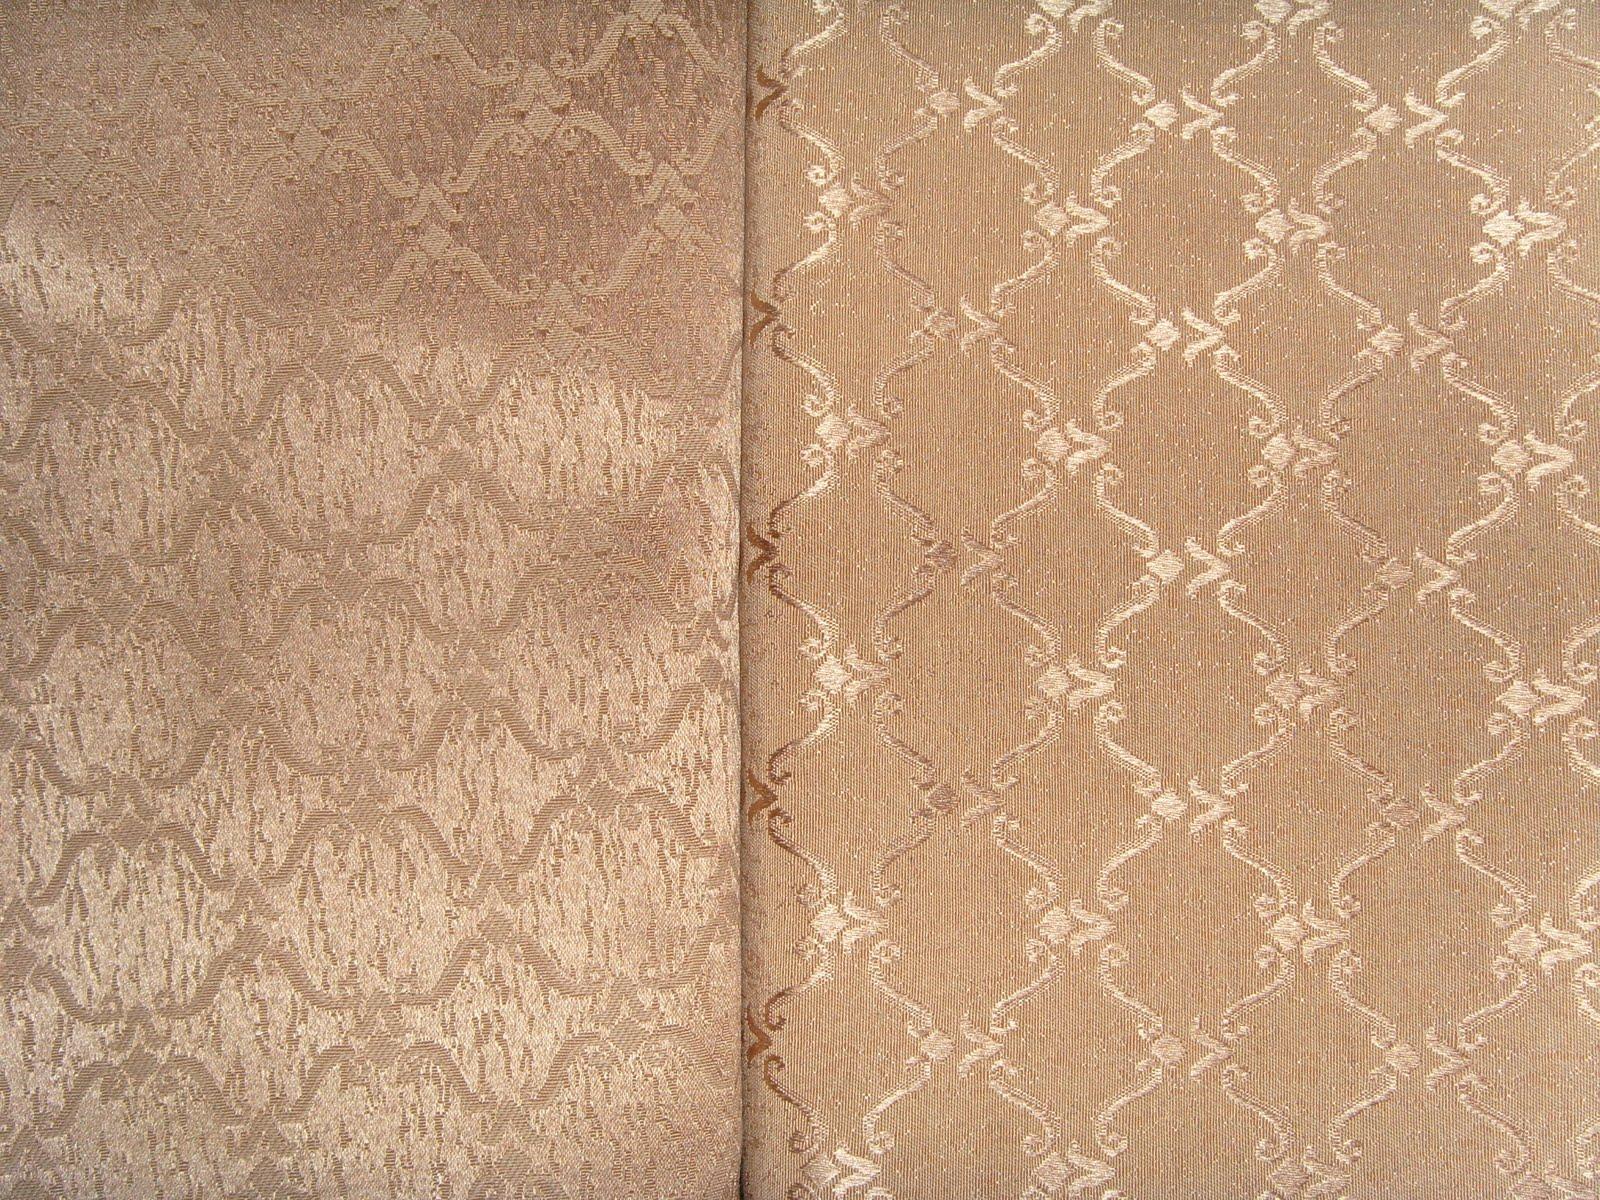 Luz margot s banas y colchas exclusivas telas para colchas - Tela para colchas ...